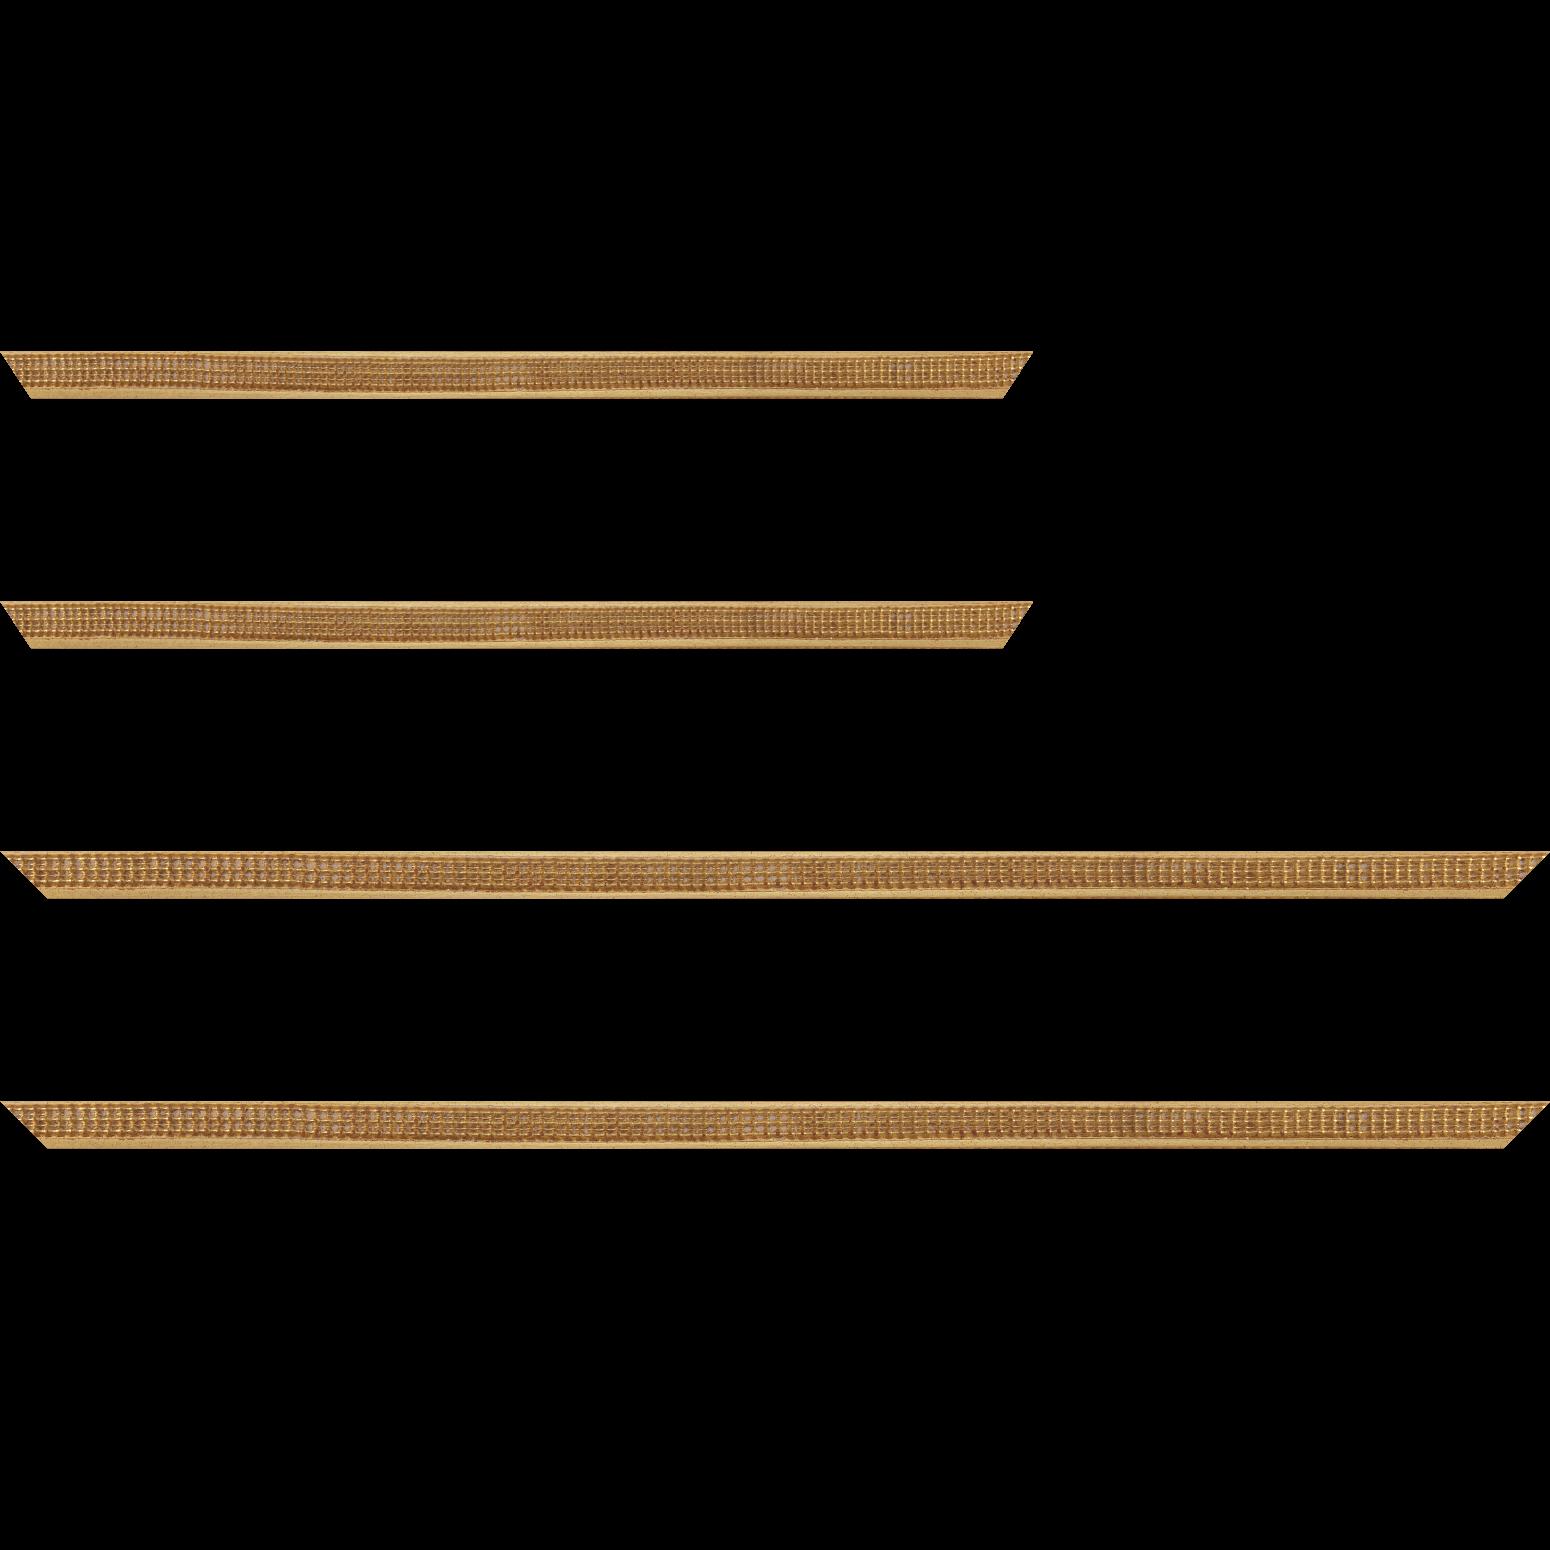 Baguette service précoupé Bois profil jonc largeur 1.5cm or style décor sillons